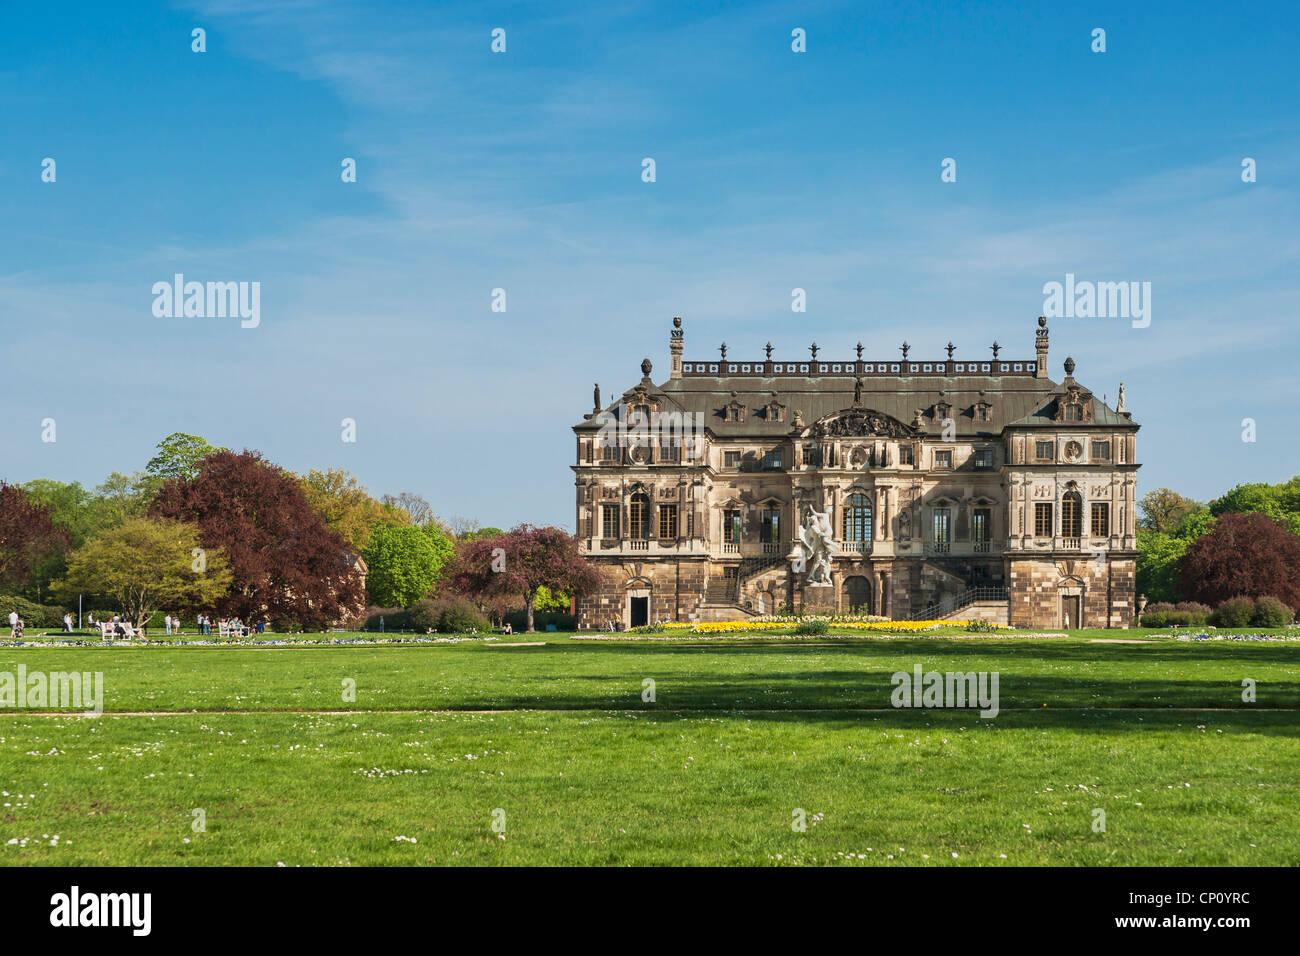 Palais im großen Garten Park, Dresden, Sachsen, Deutschland, Europa Stockbild